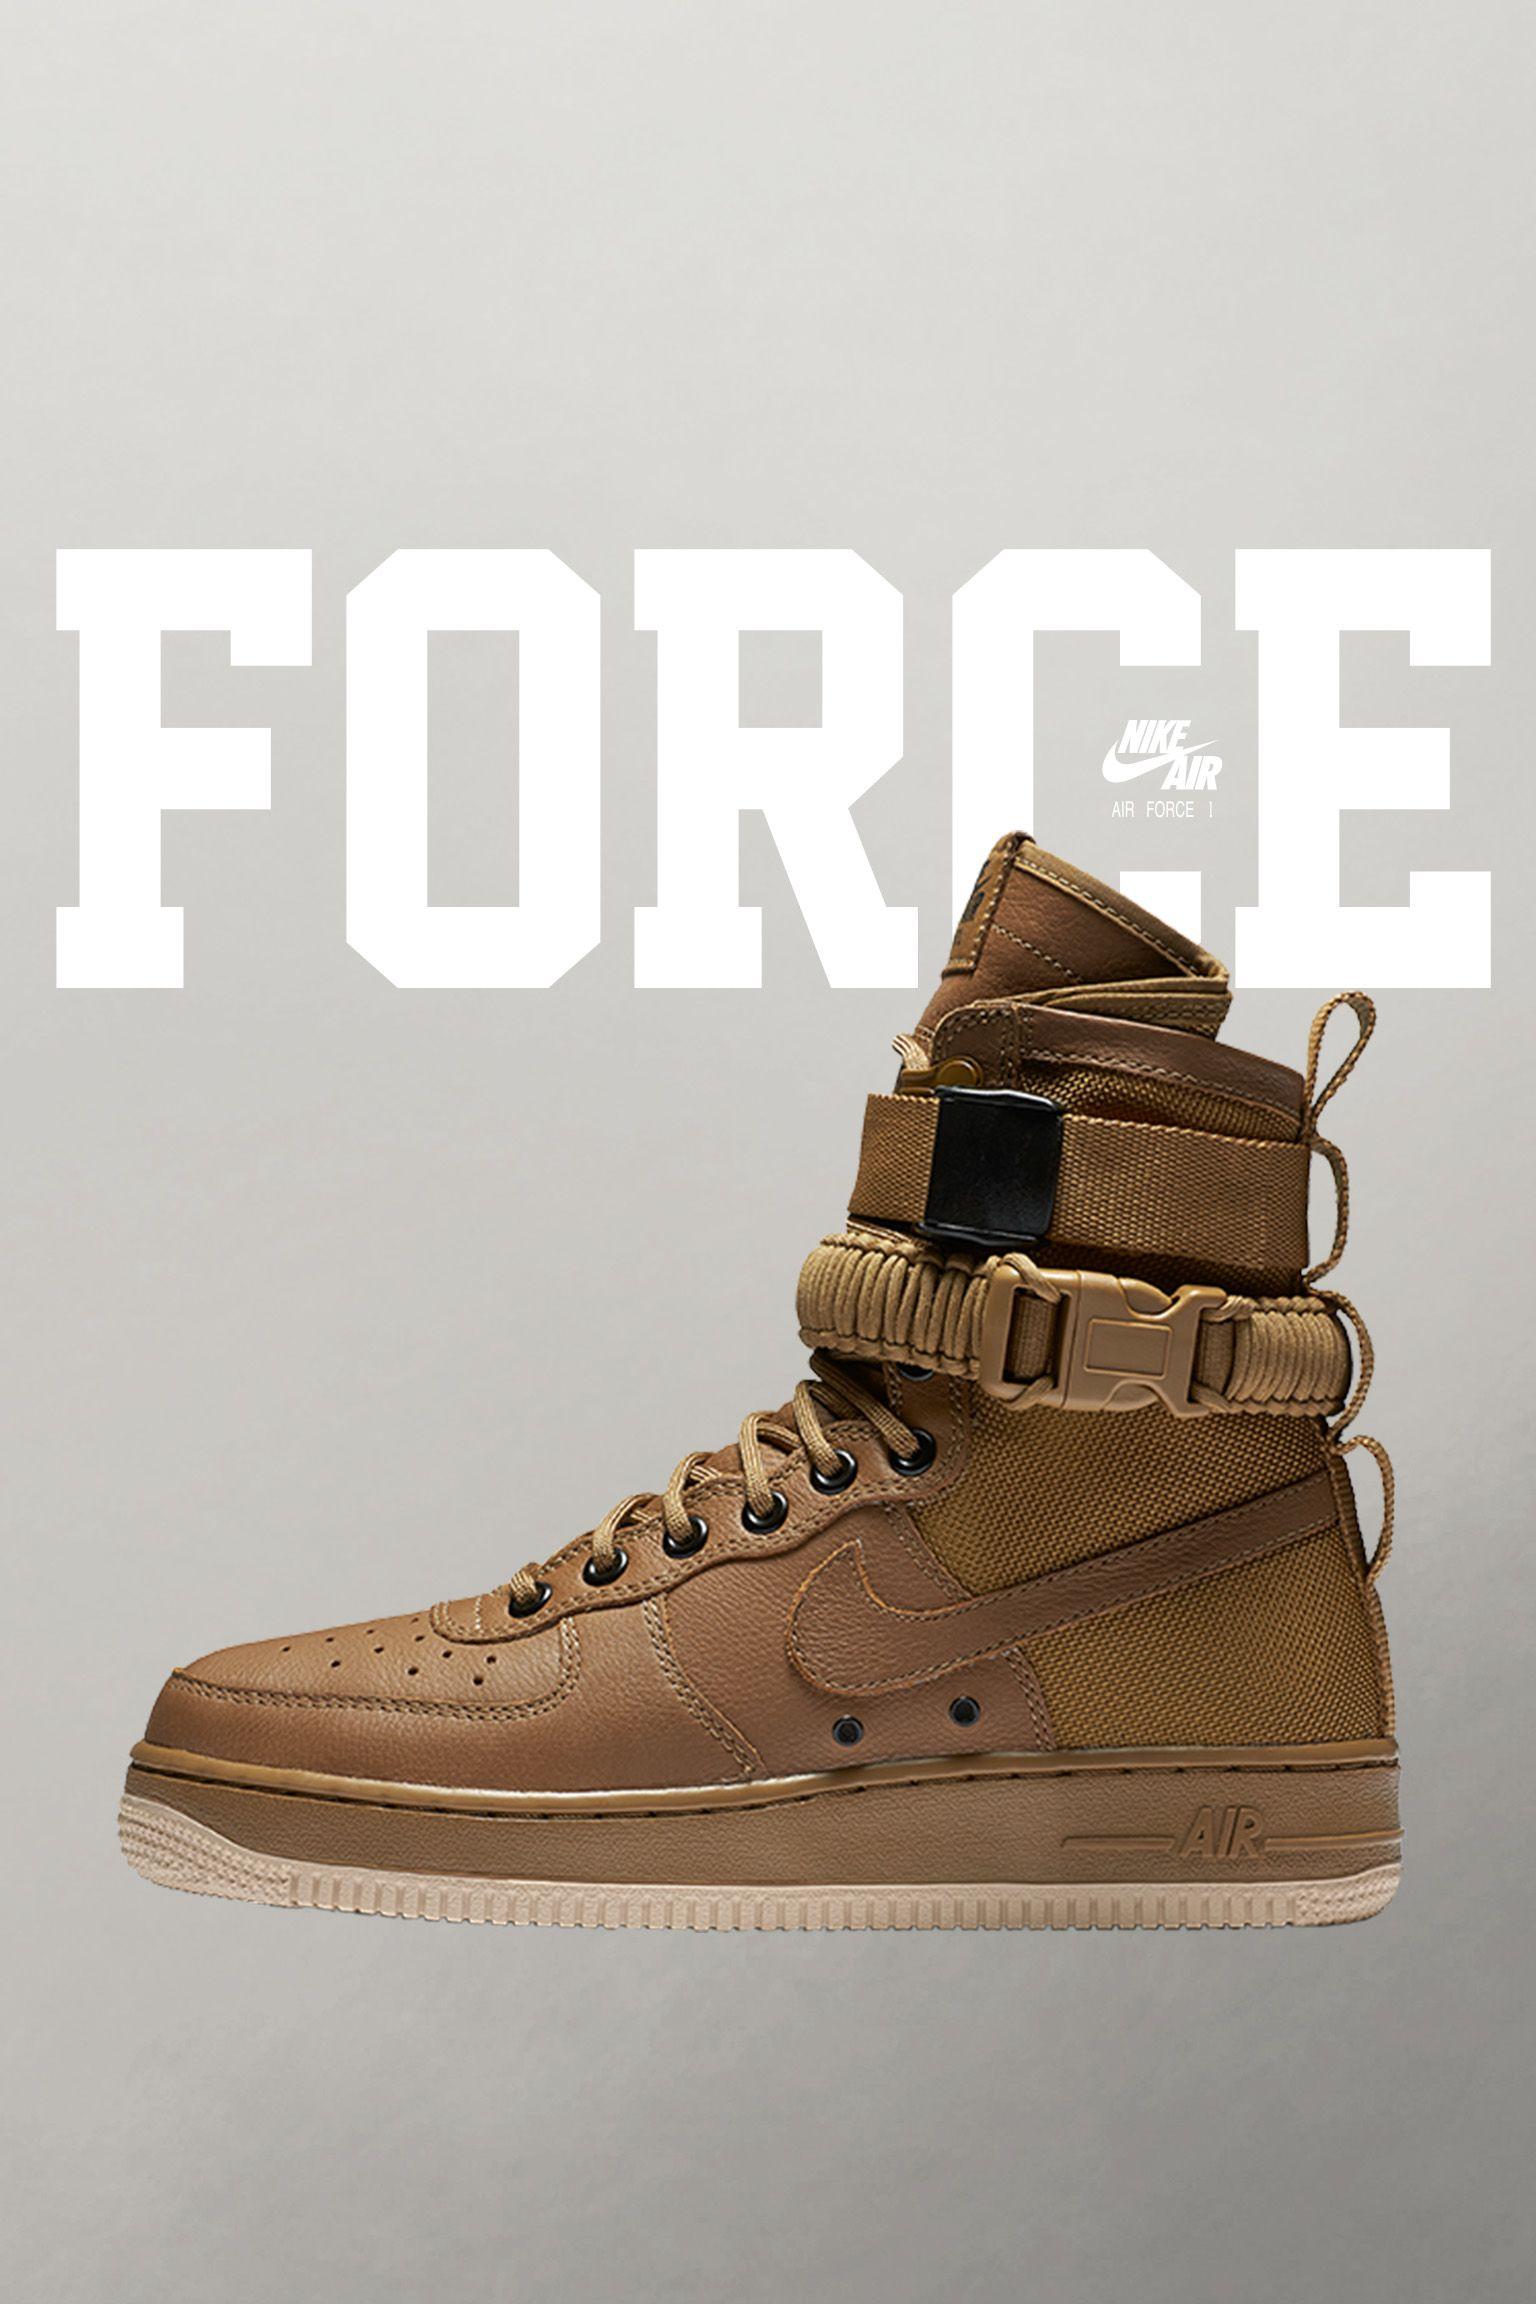 """Buty damskie Nike Special Field Air Force 1 """"Golden Beige"""". Data premiery"""